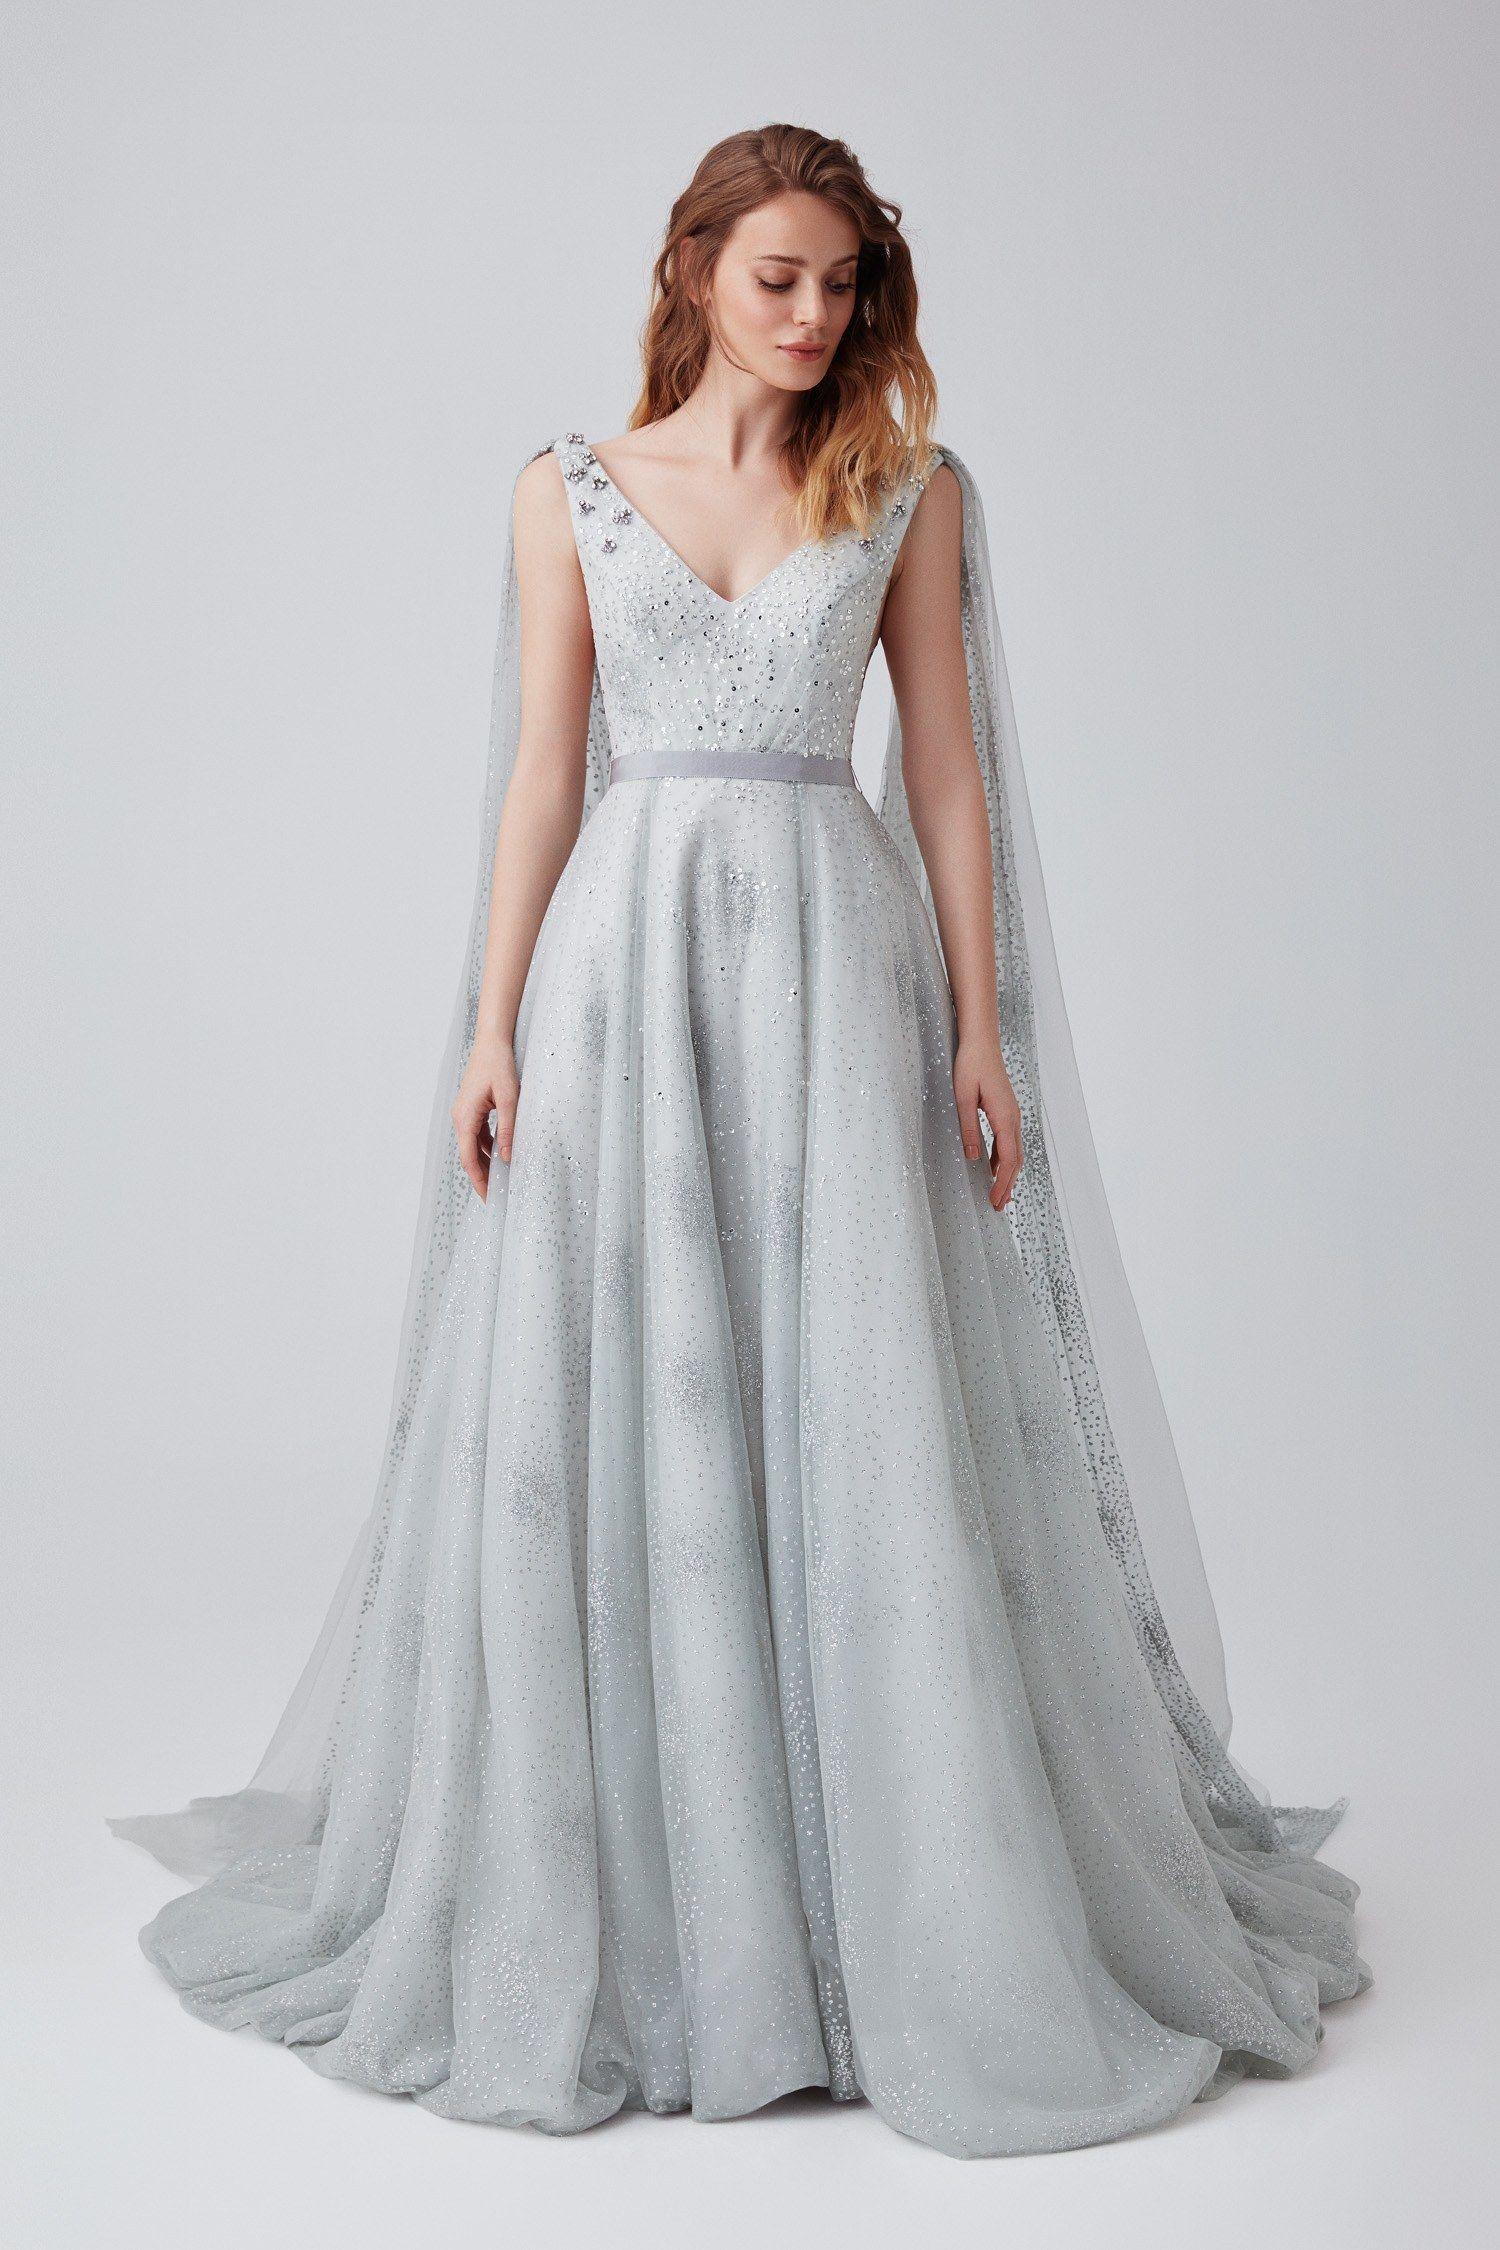 Soz Ve Nisani Farkli Gunlerde Ya Da Ayni Gun Icerisinde Planlayanlardan Biriyseniz Ve Giyeceginiz Nisan Elbisesi Ya Da Soz Ki The Dress Elbise Modelleri Elbise